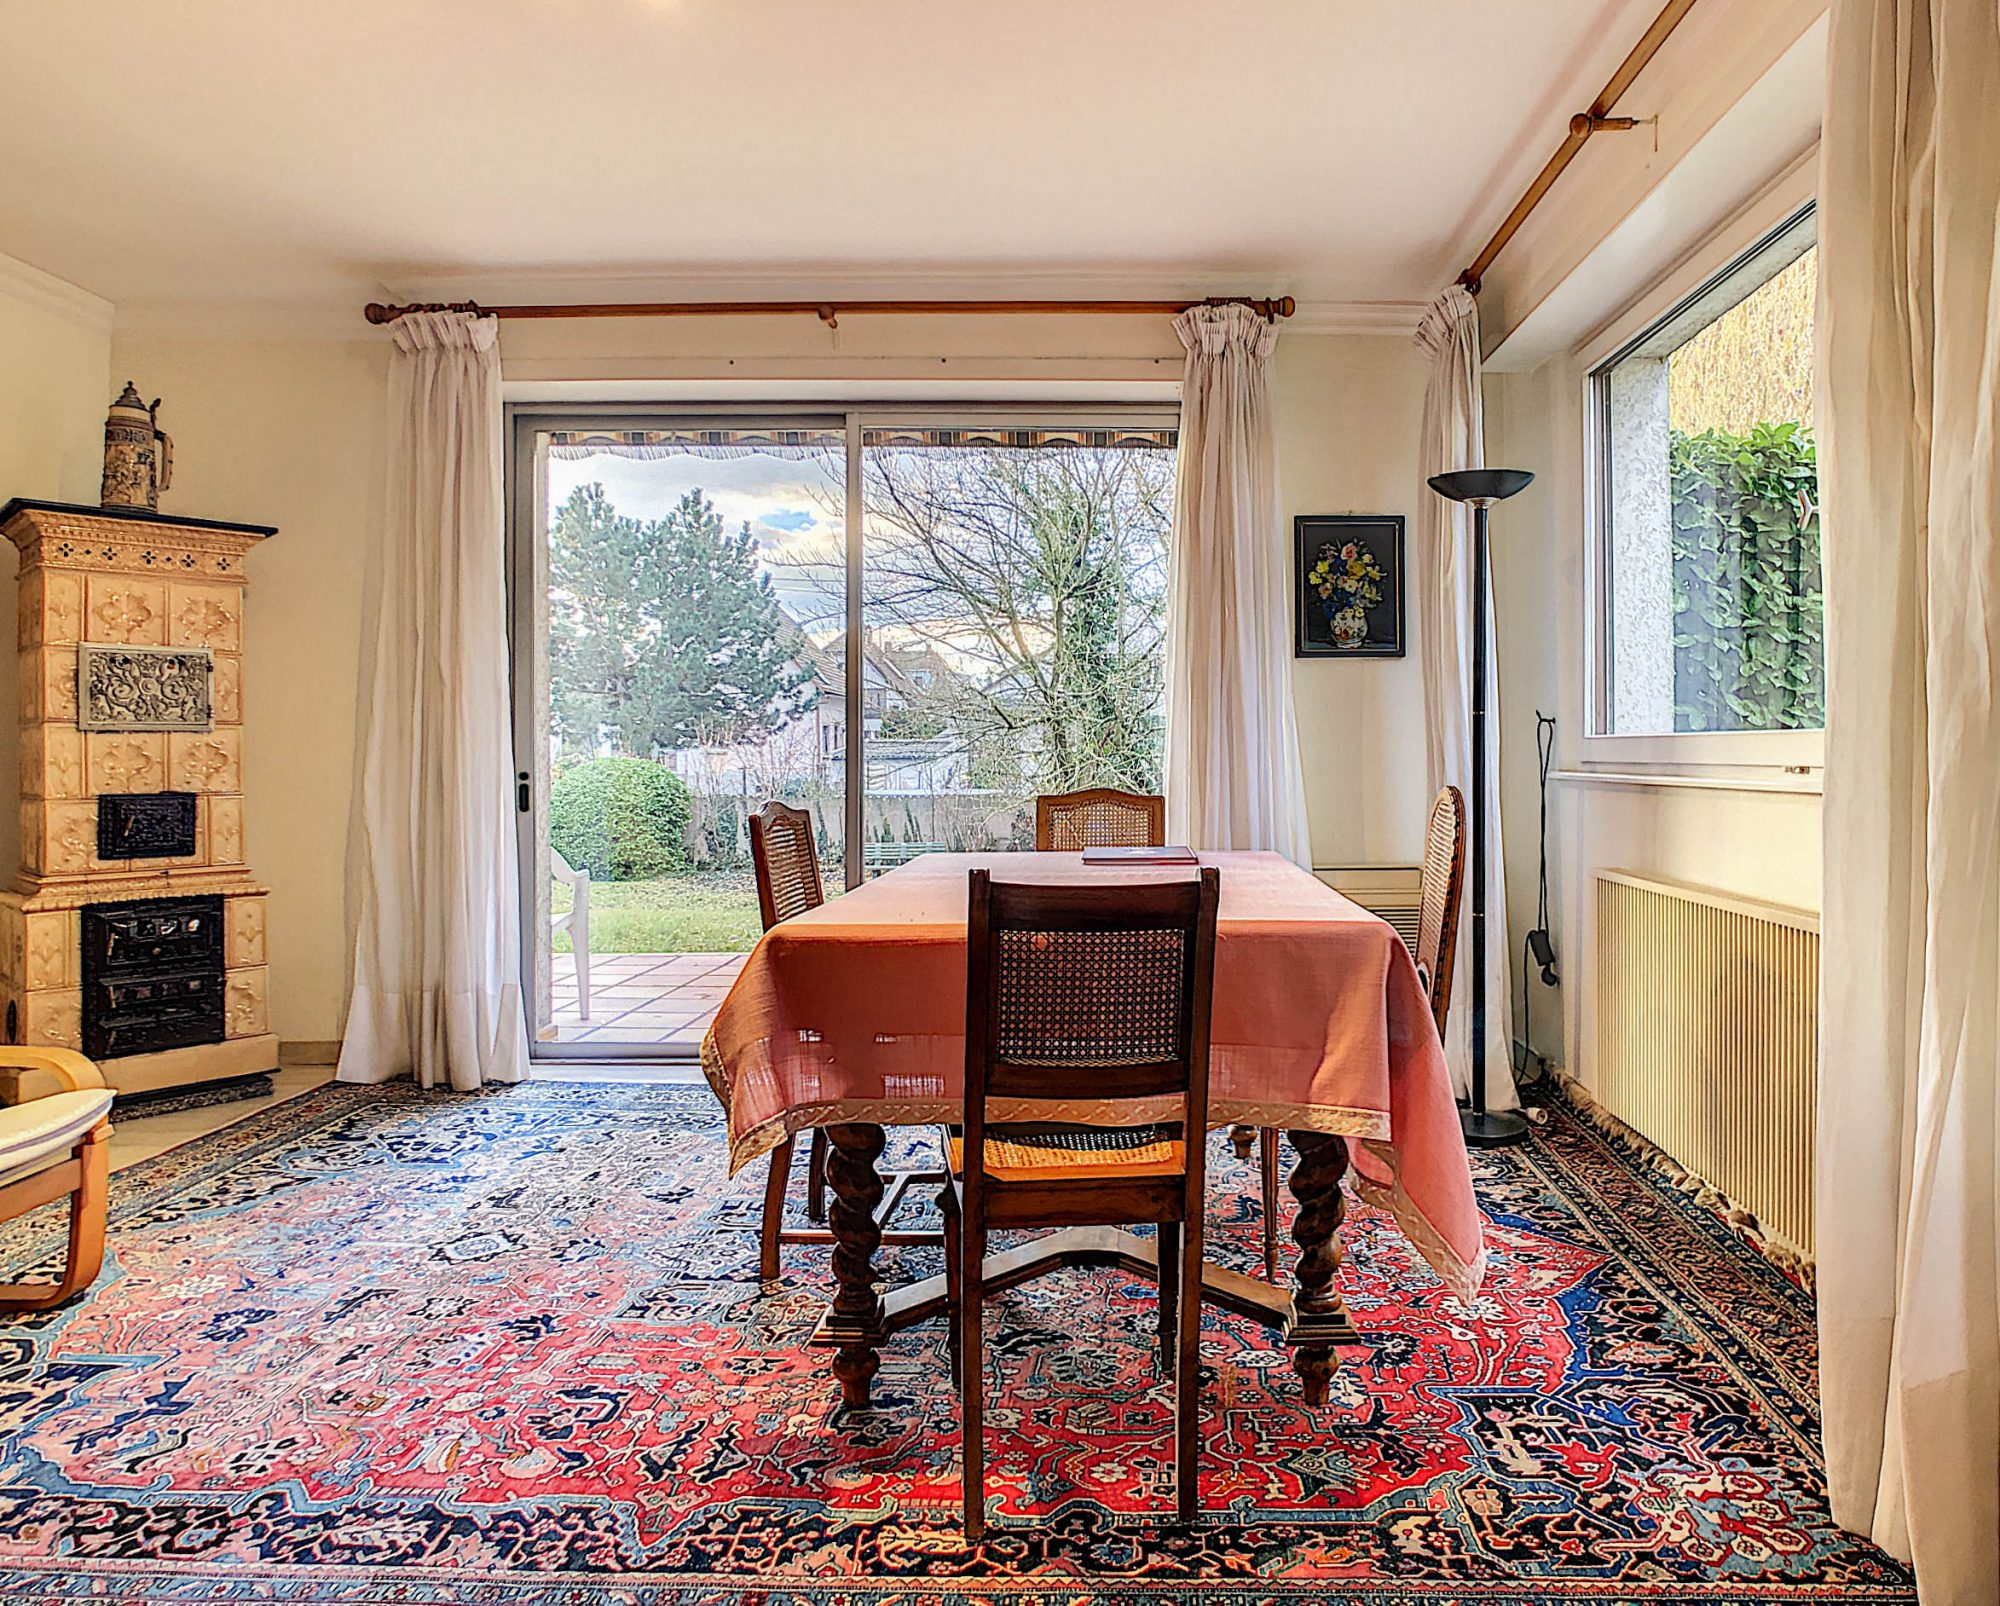 Maison individuelle 8 pièces de 250m2 à Illkirch-Graffenstaden - Devenez propriétaire en toute confiance - Bintz Immobilier - 11